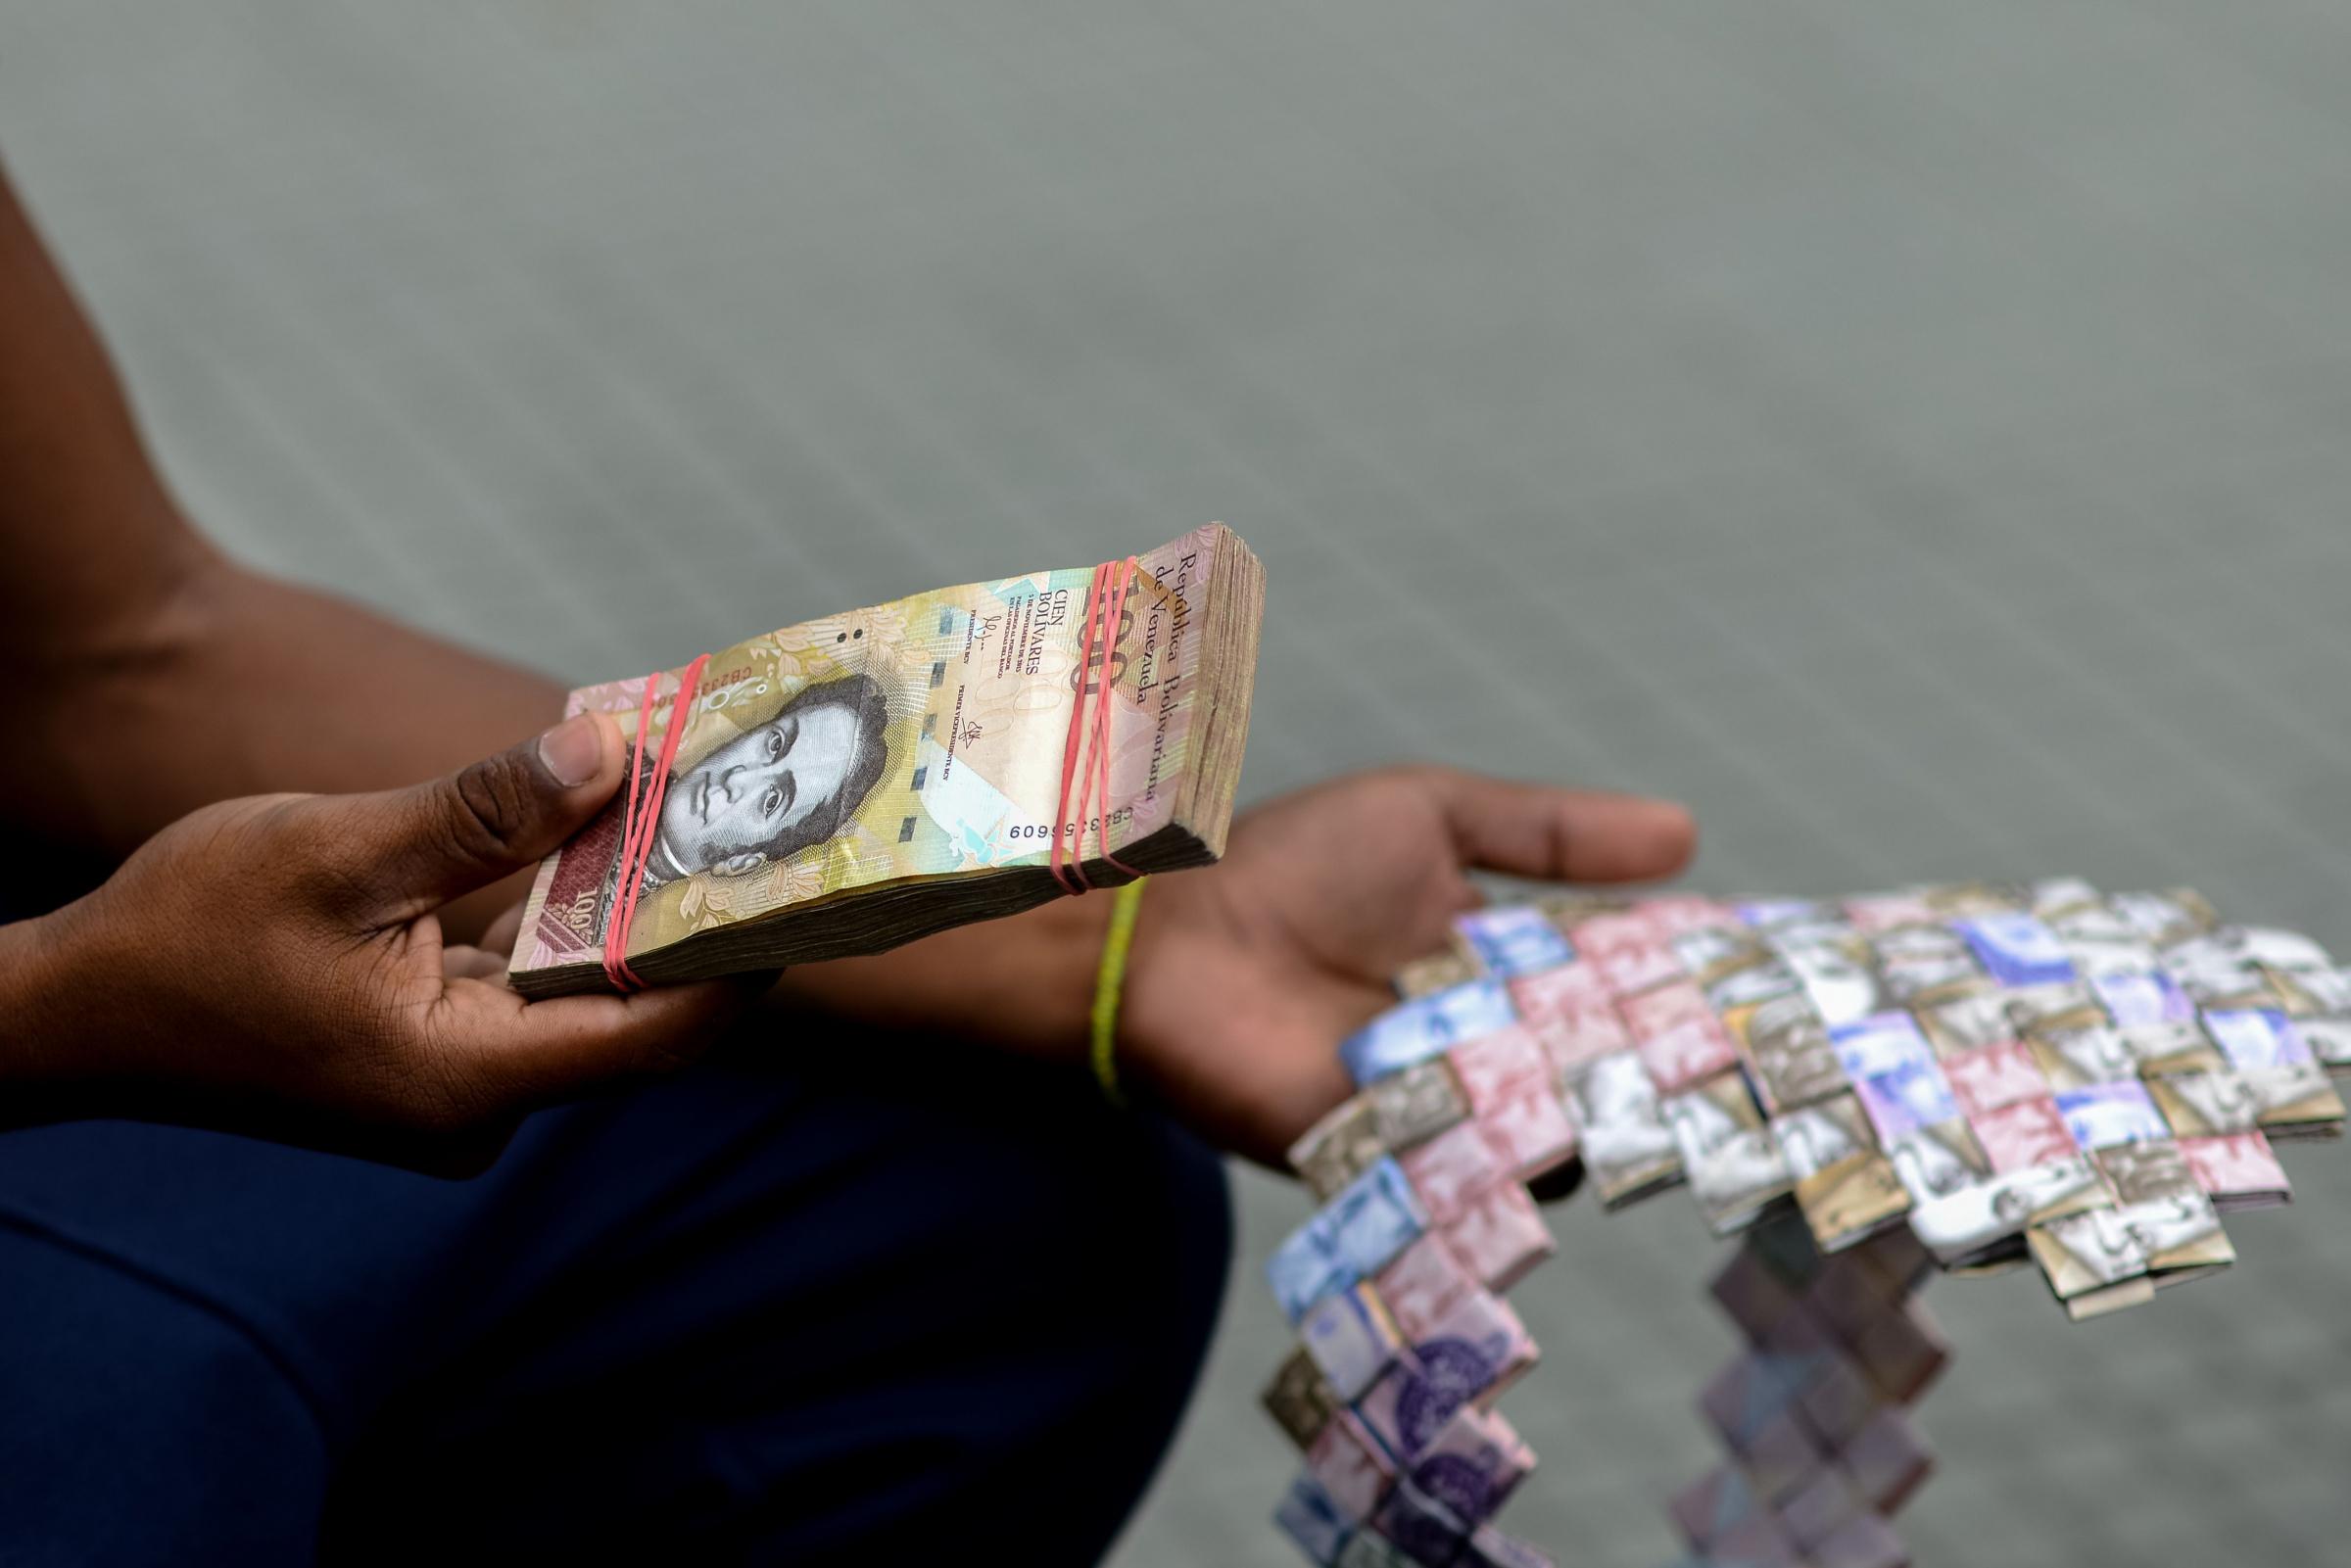 Venezuela kriis ja inflatsioon. Foto: AFP PHOTO / FEDERICO PARRA